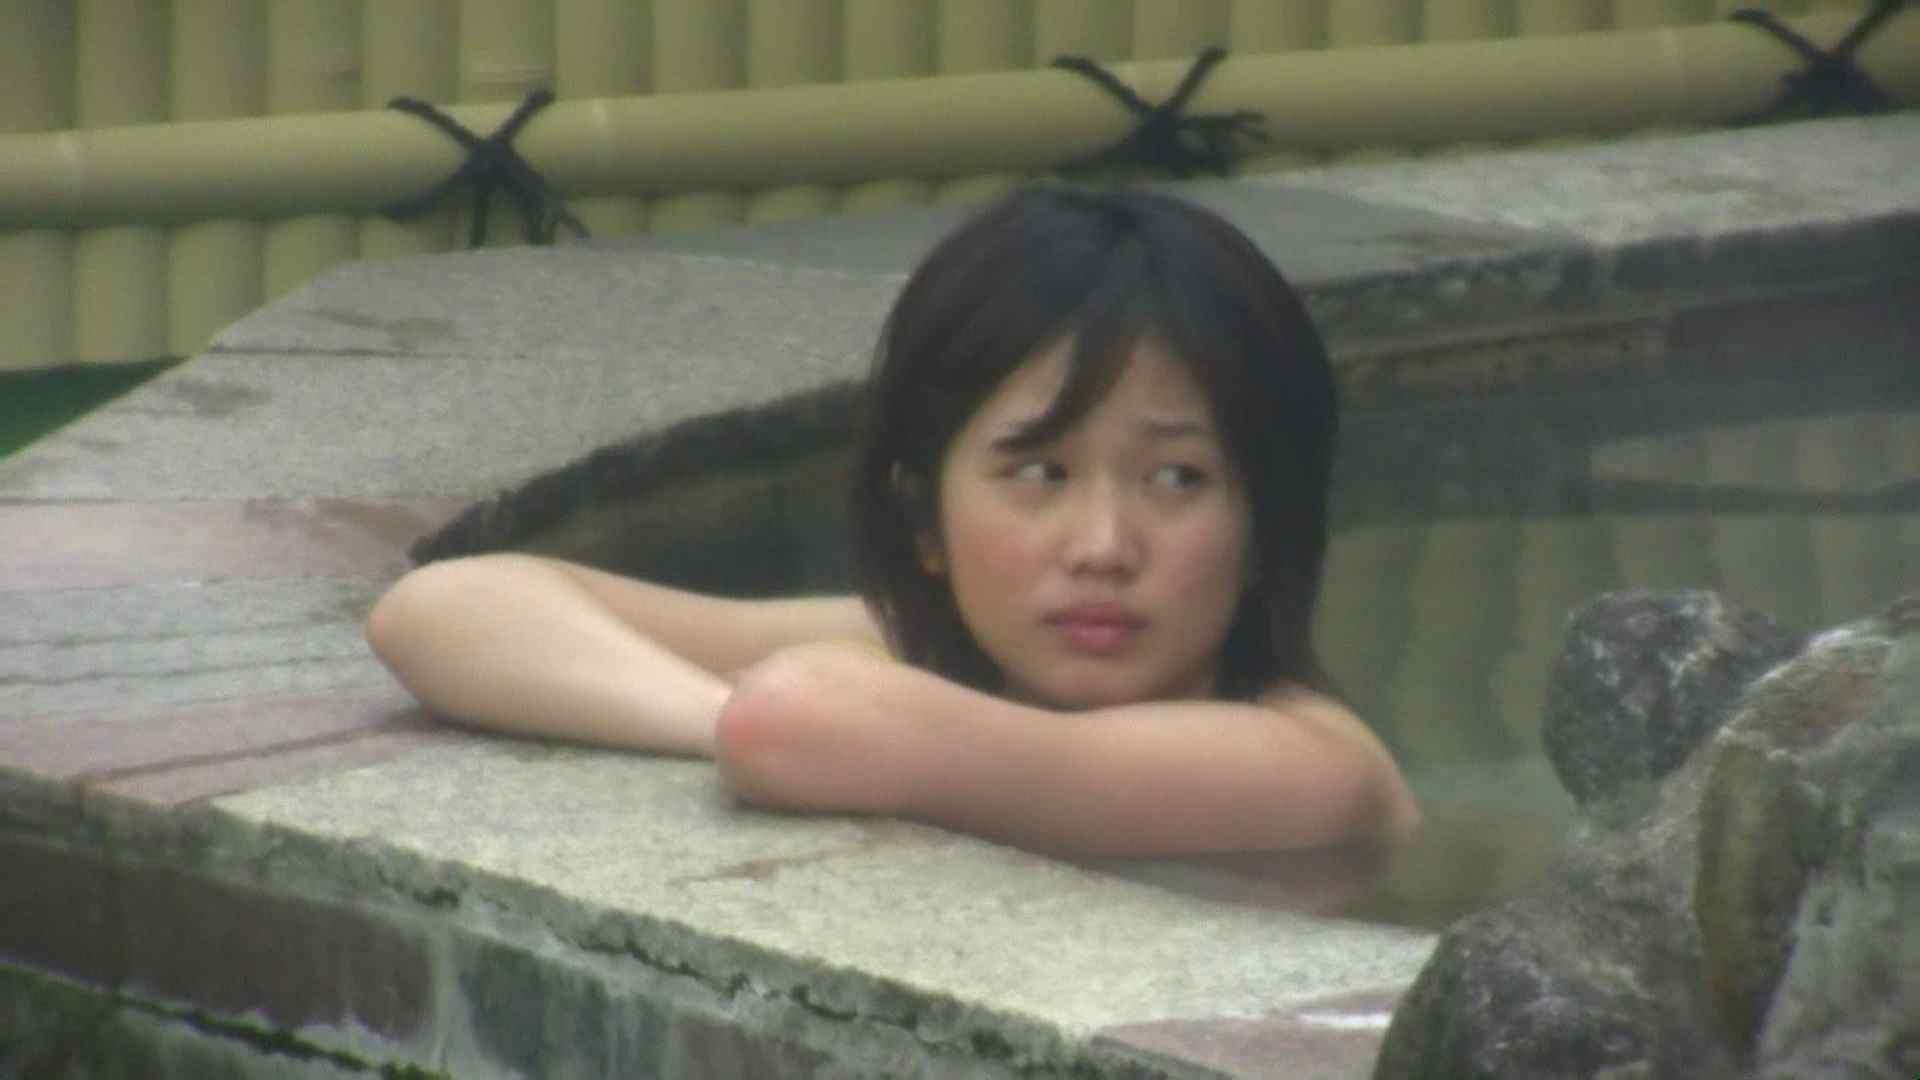 Aquaな露天風呂Vol.537 露天風呂  10枚 4